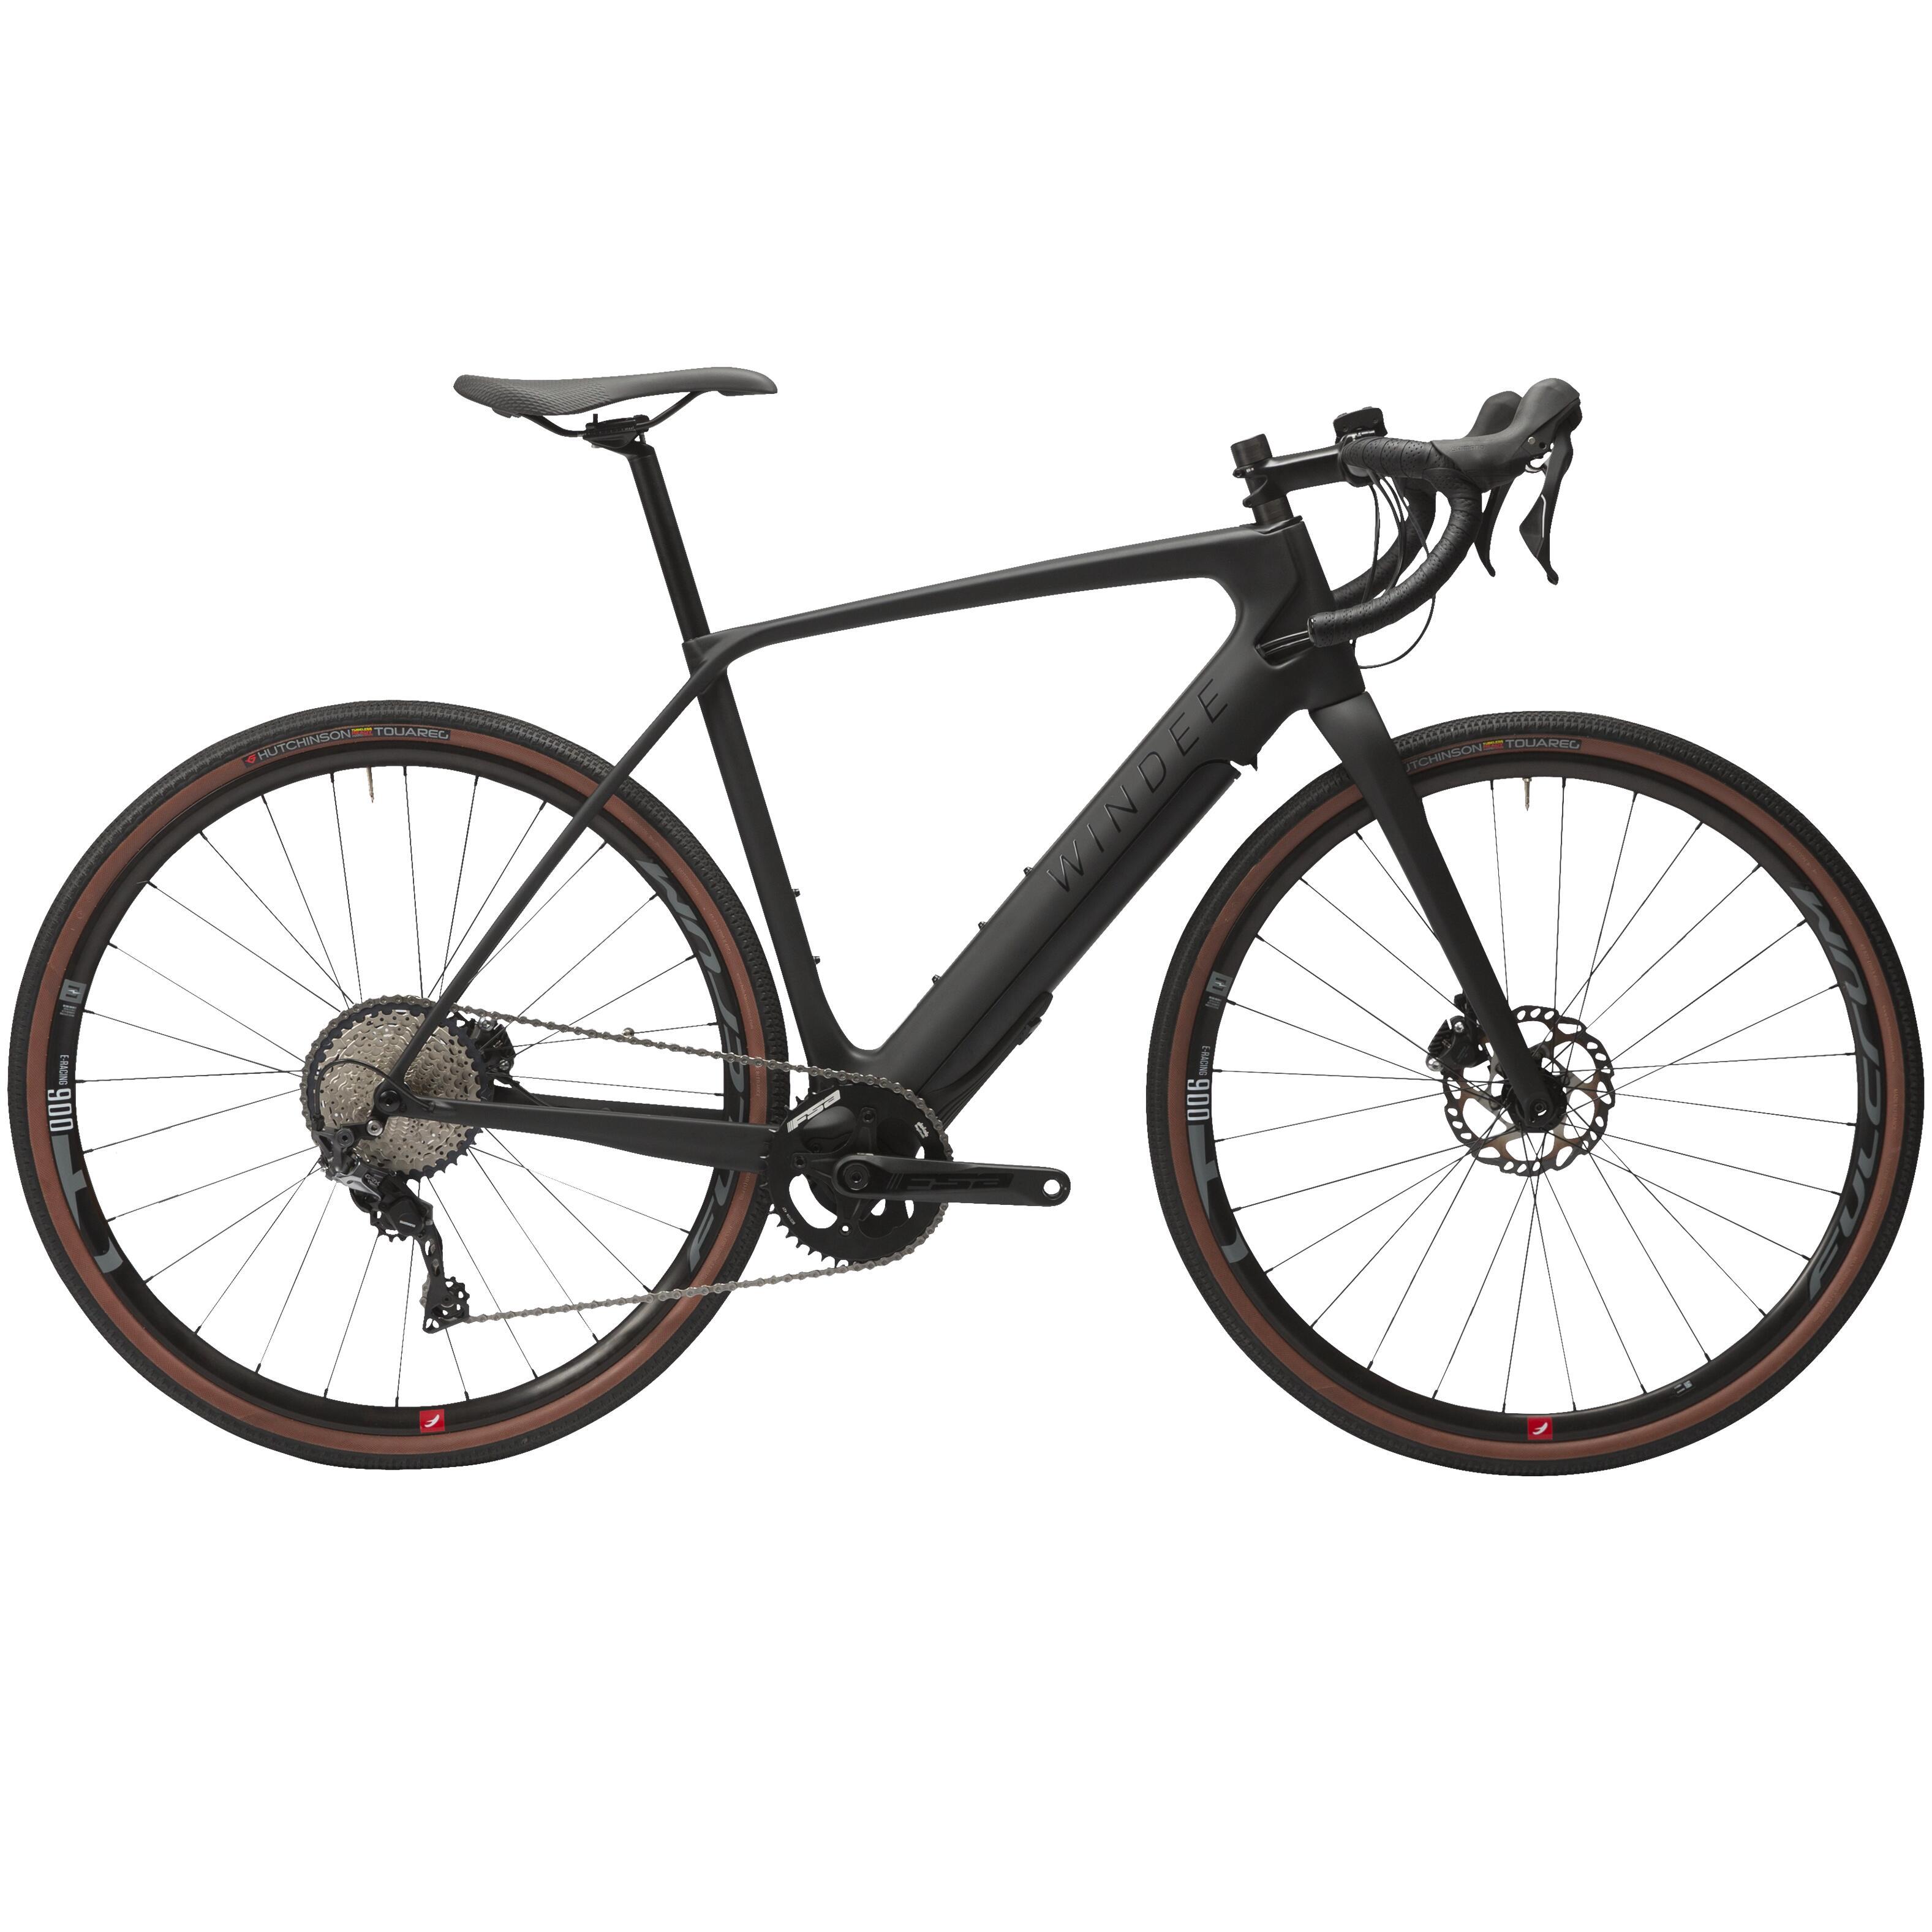 Bicicletă E-WINDEE GRAVEL